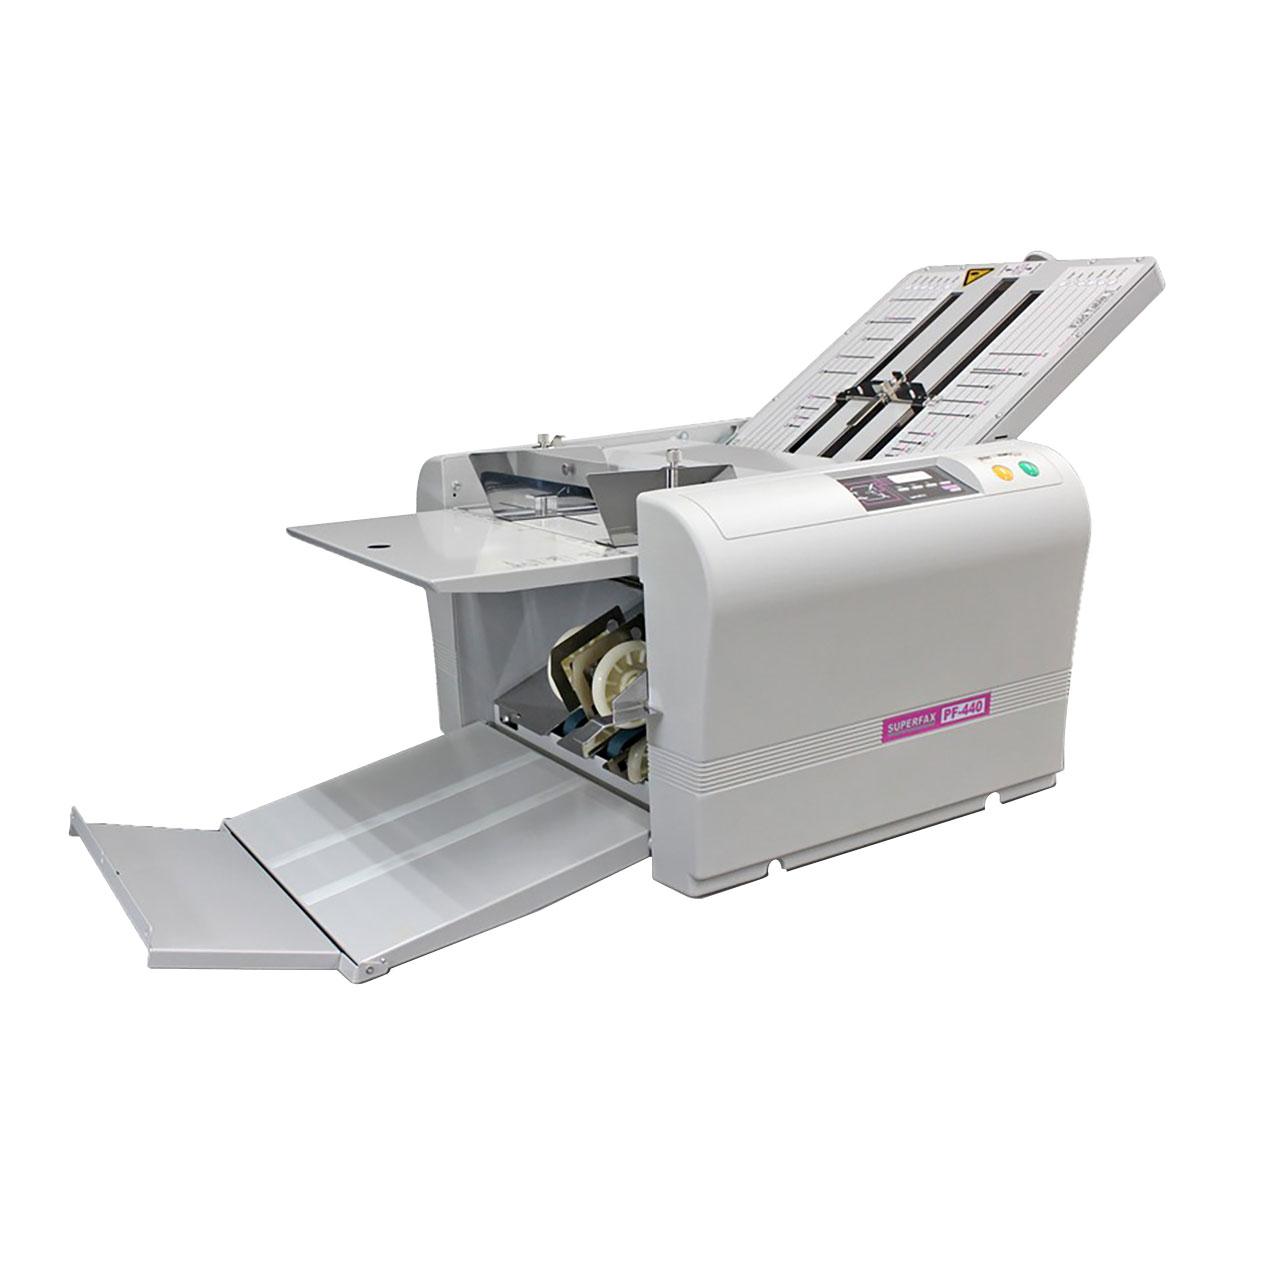 Tischfalzmaschine Superfax PF-440